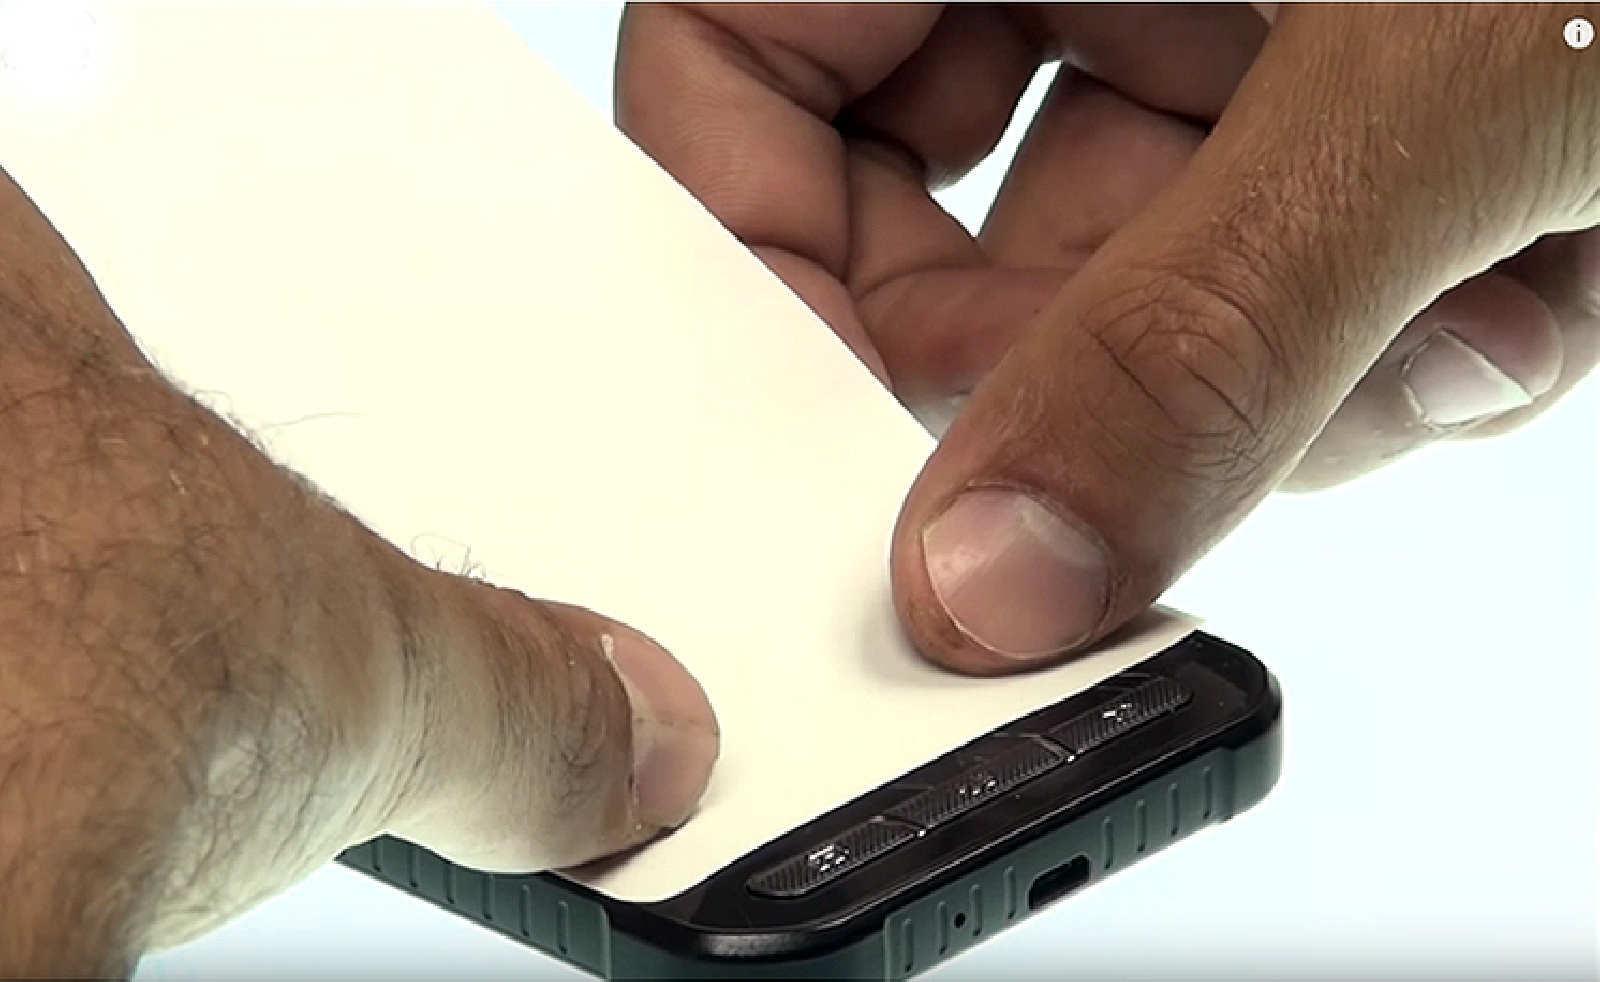 Etape 4 : Appliquer le papier thermique